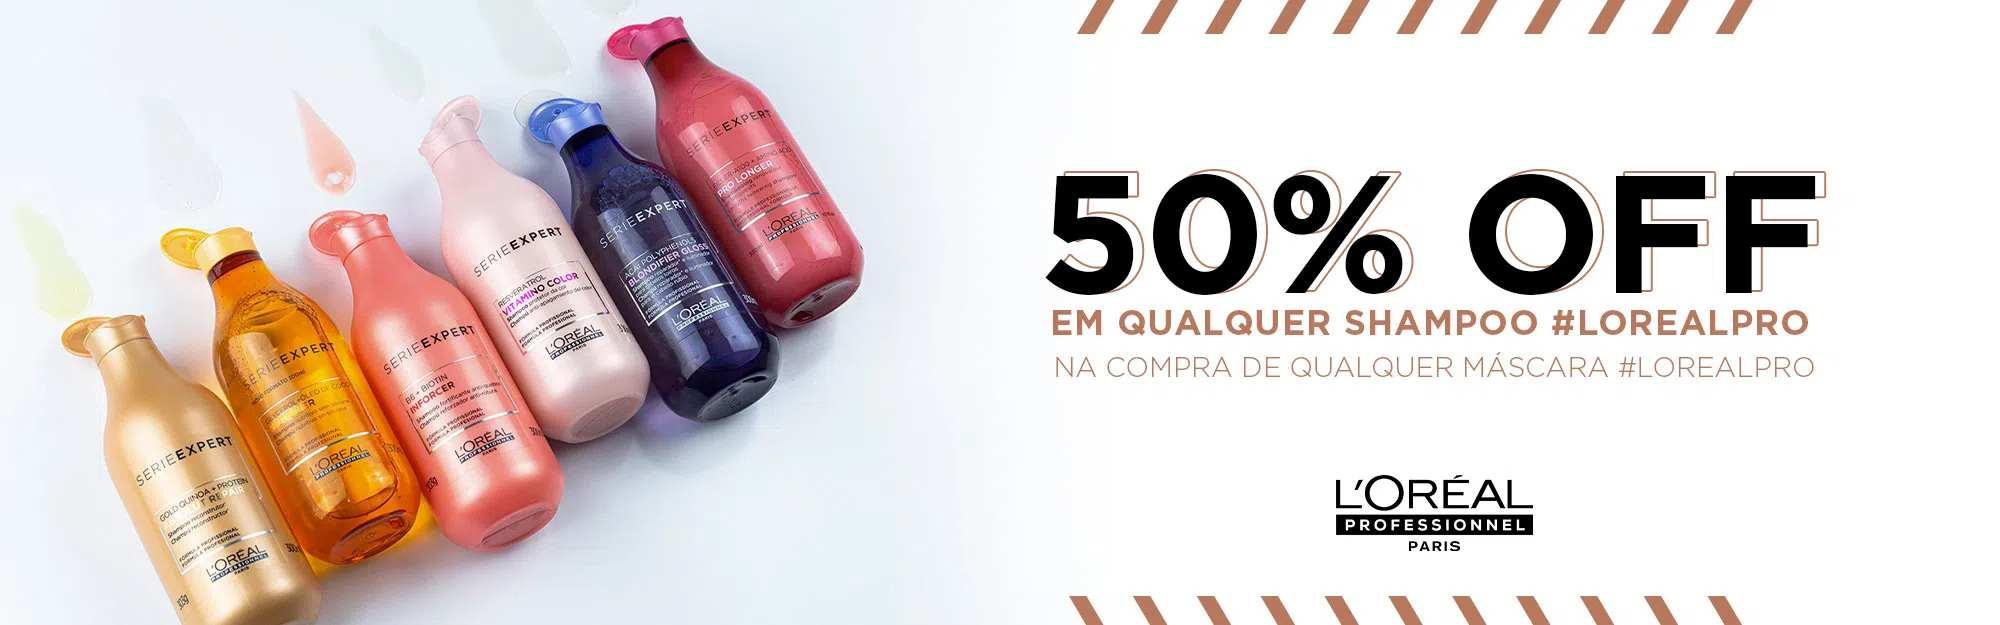 LP | Kits 30% off